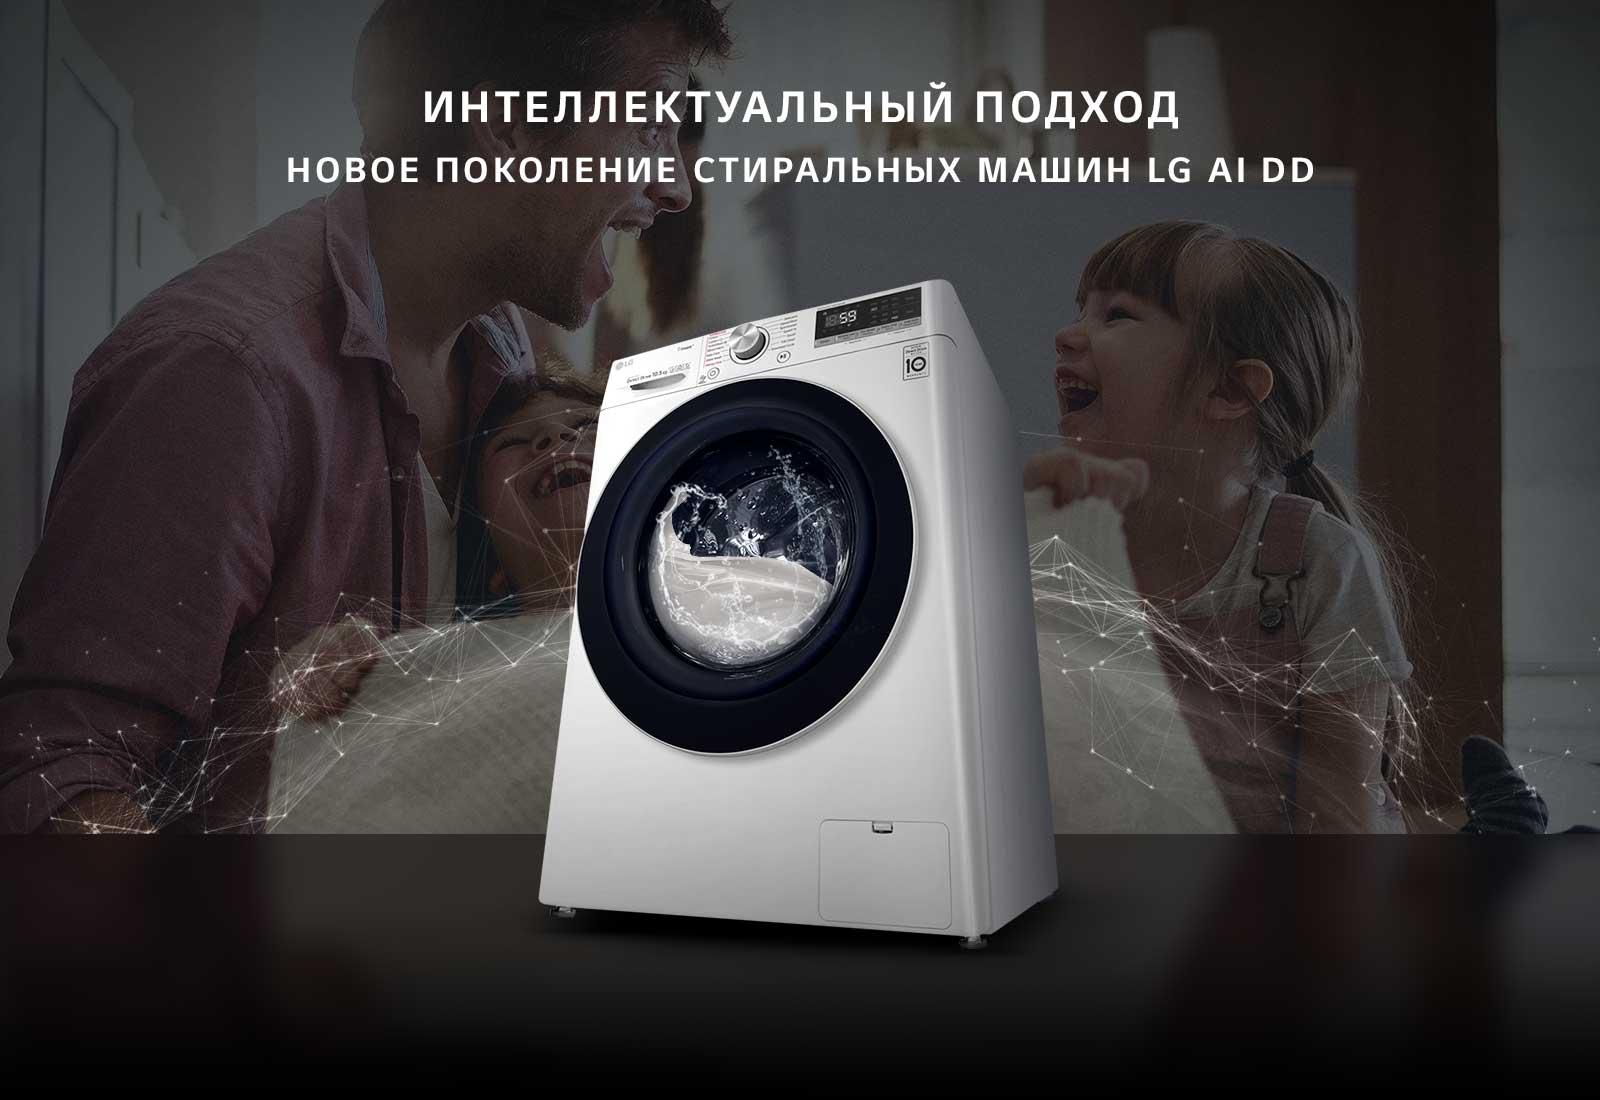 D01_WM-Vivace-V700-VC3-White-01-1-Vivace-Intro-Desktop-rus_04